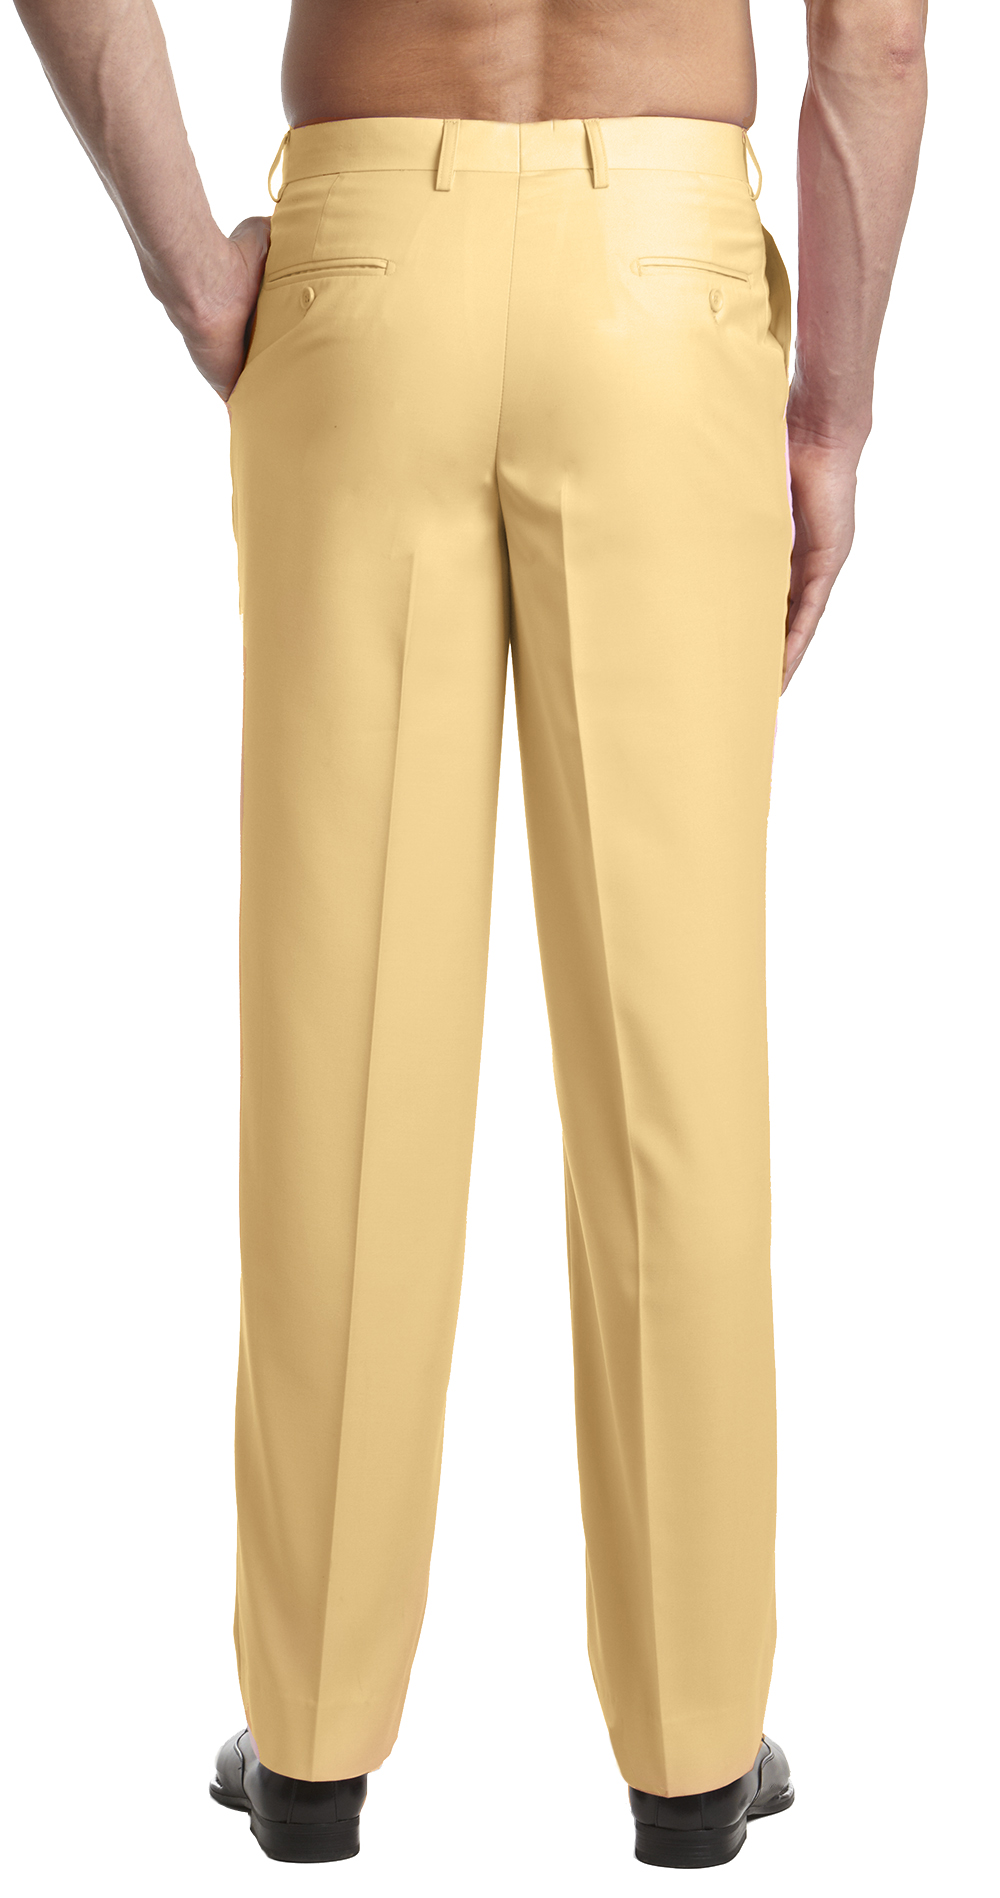 CONCITOR Men's Dress Pants Trousers Flat Front Slack Huge ...